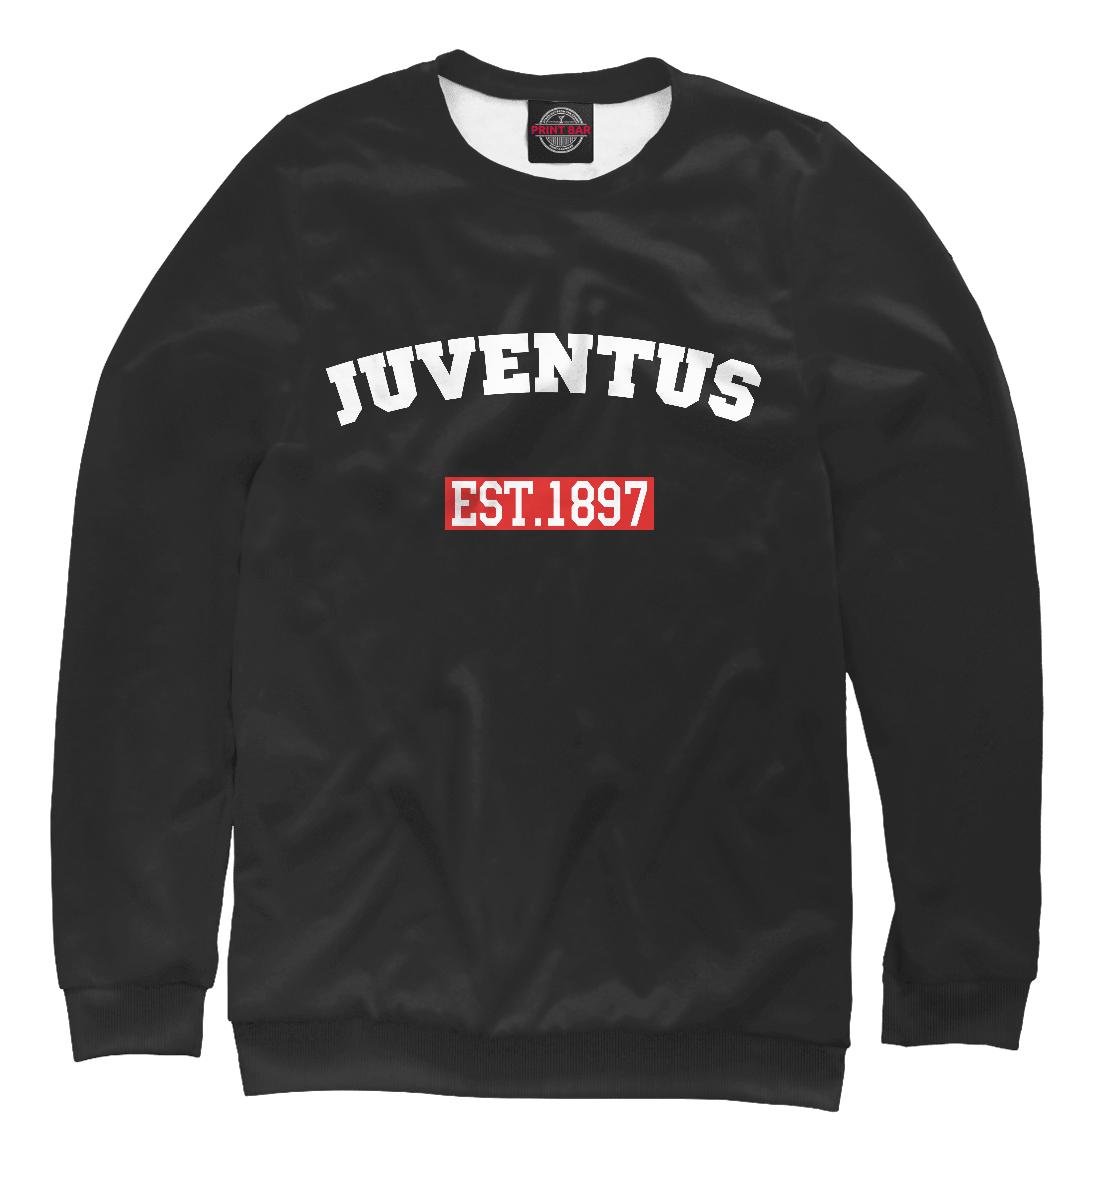 Купить FC Juventus Est.1897, Printbar, Свитшоты, JUV-447791-swi-1